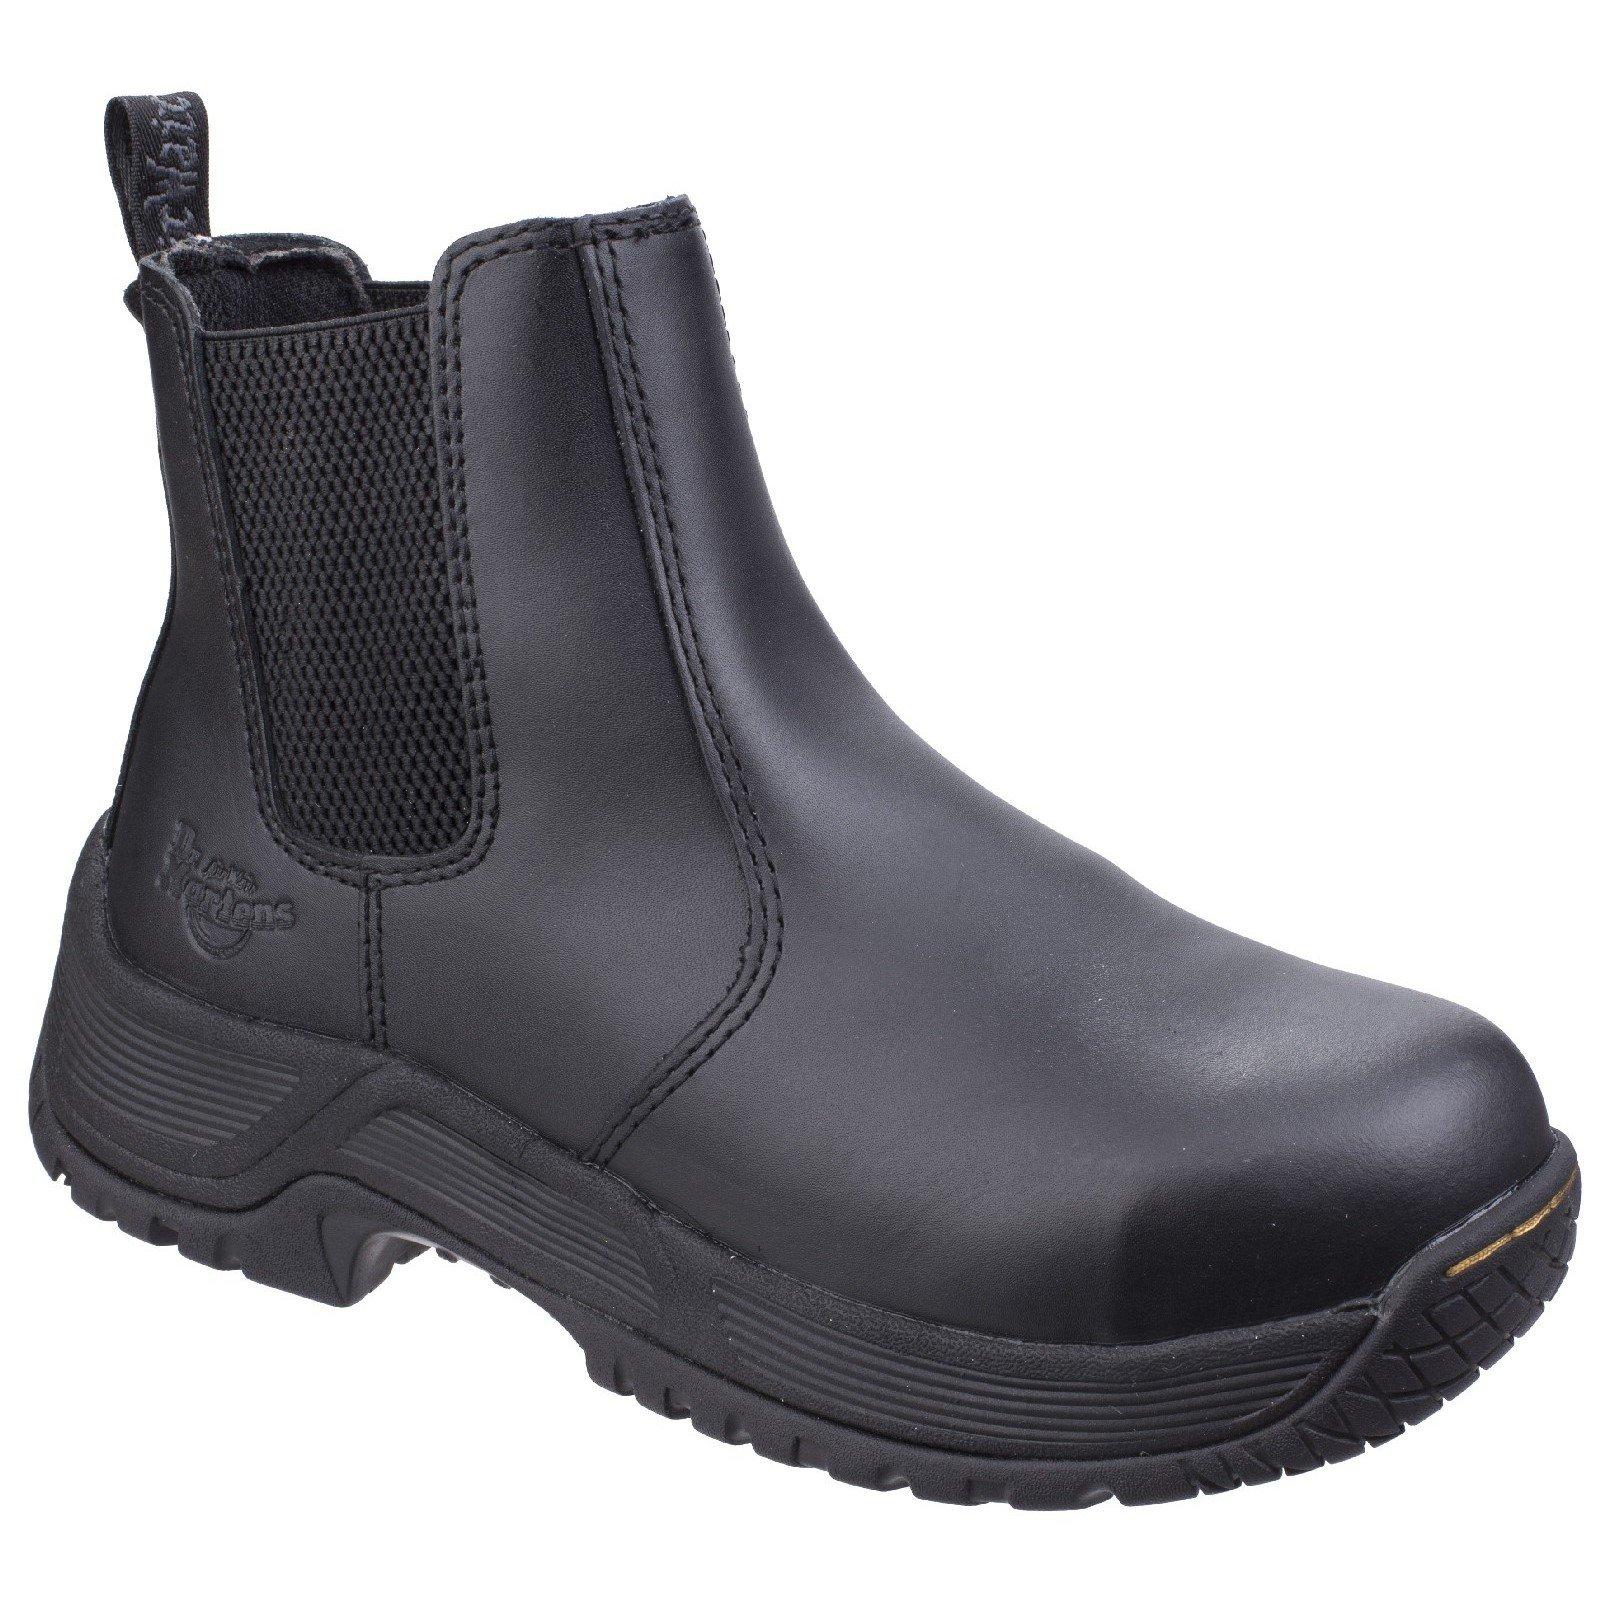 Dr Martens Men's Drakelow Safety Boot Black 26021 - Black 9